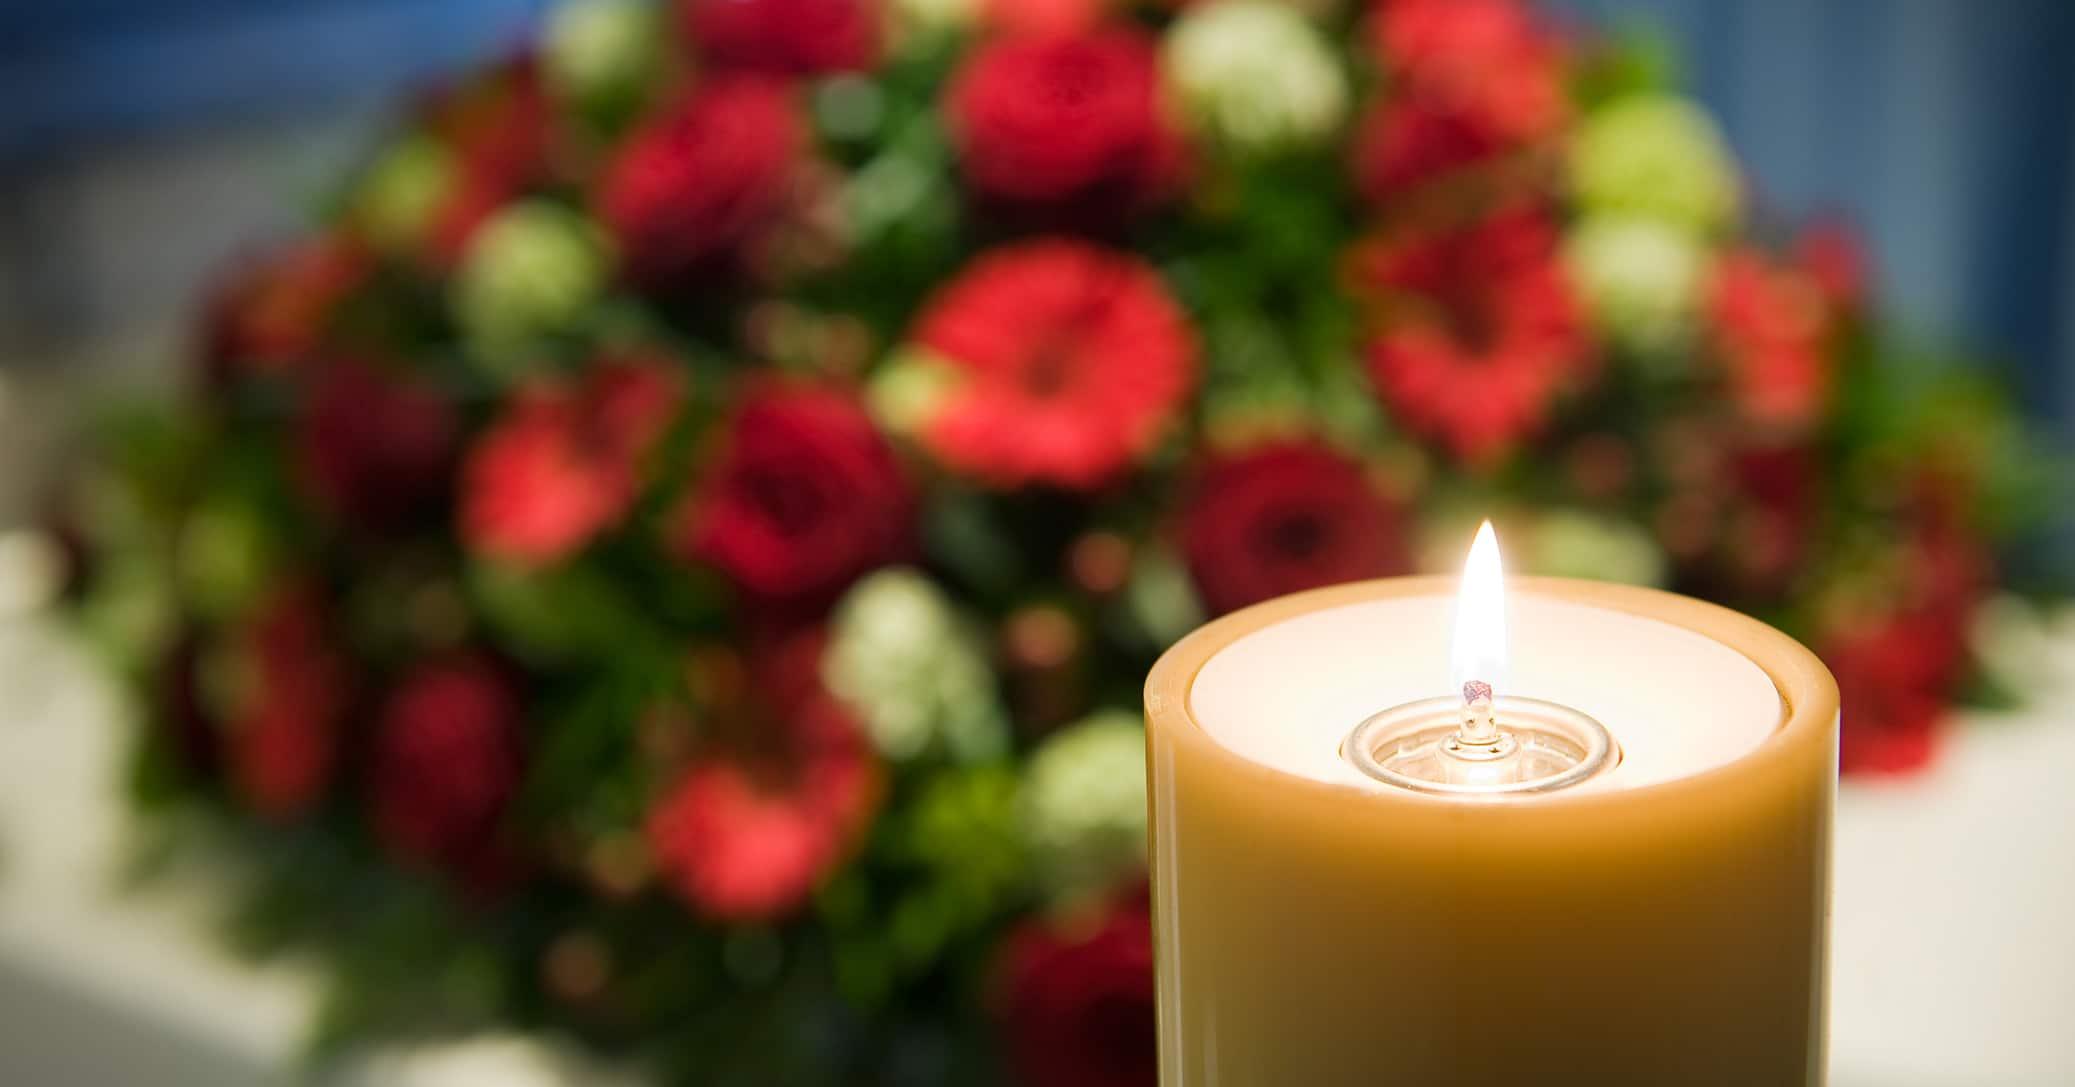 Comment concevoir et animer une cérémonie funéraire ?